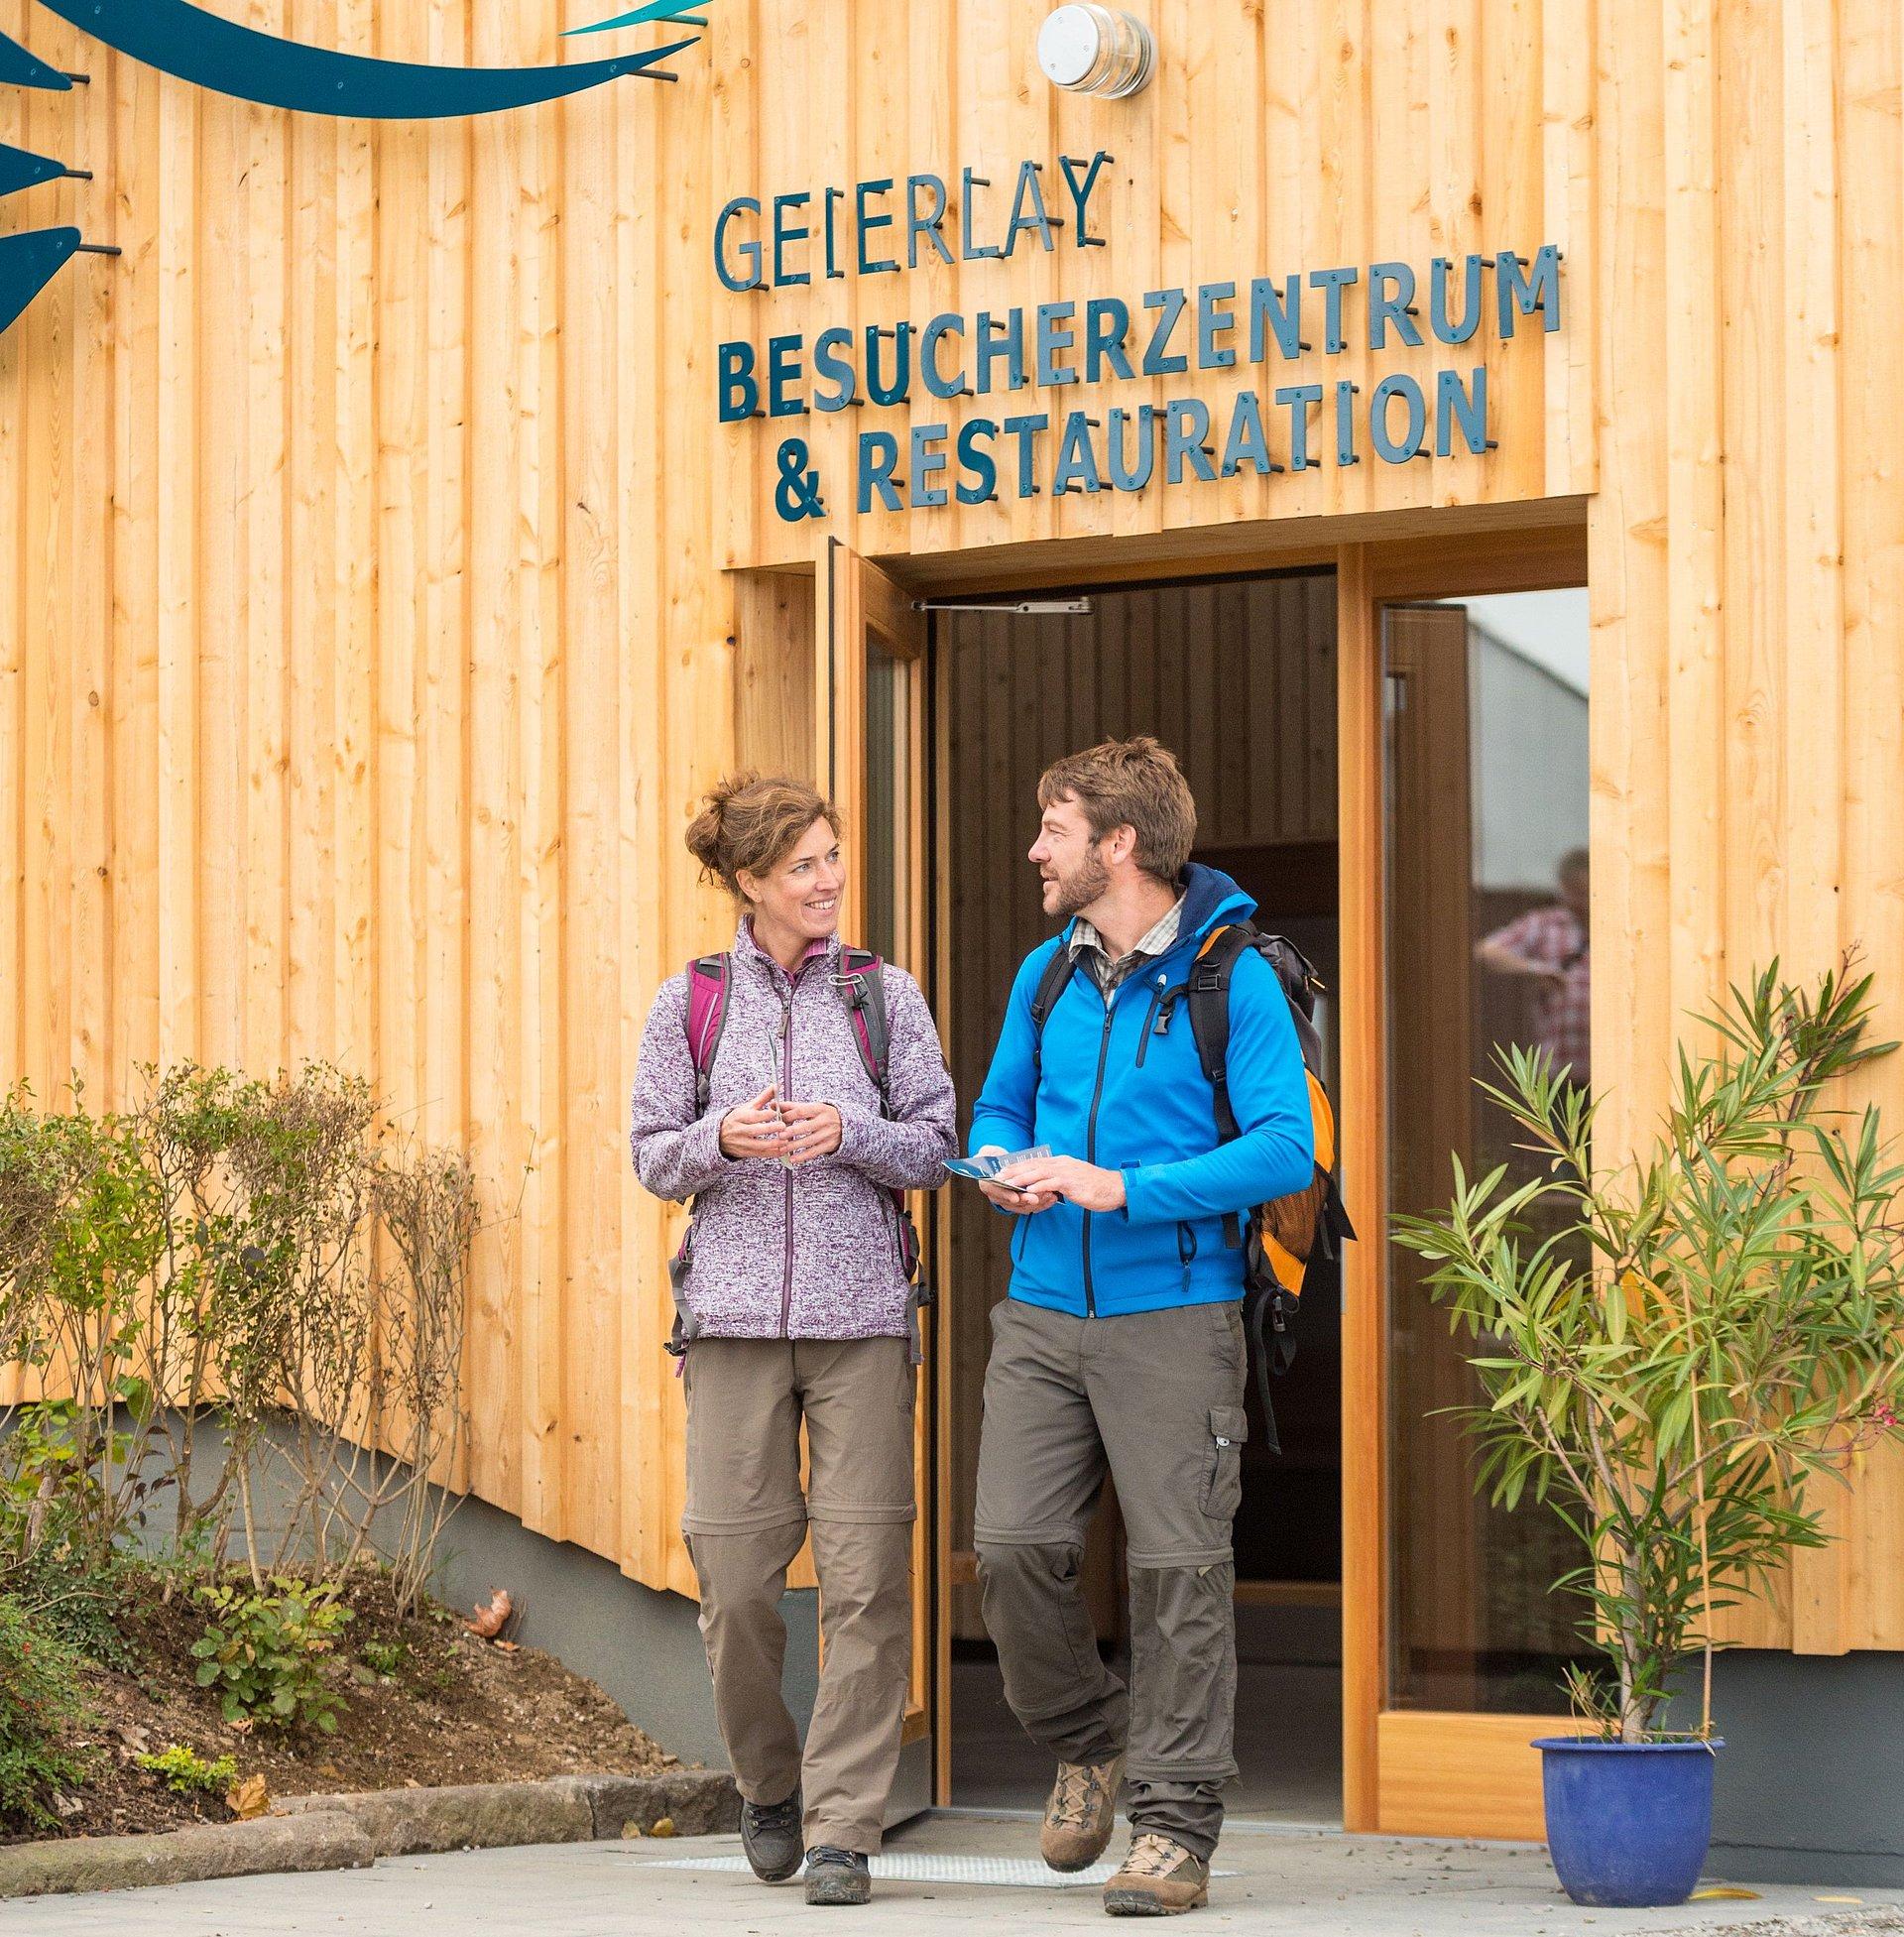 Geierlay visitor centre in Mörsdorf, Hunsrück